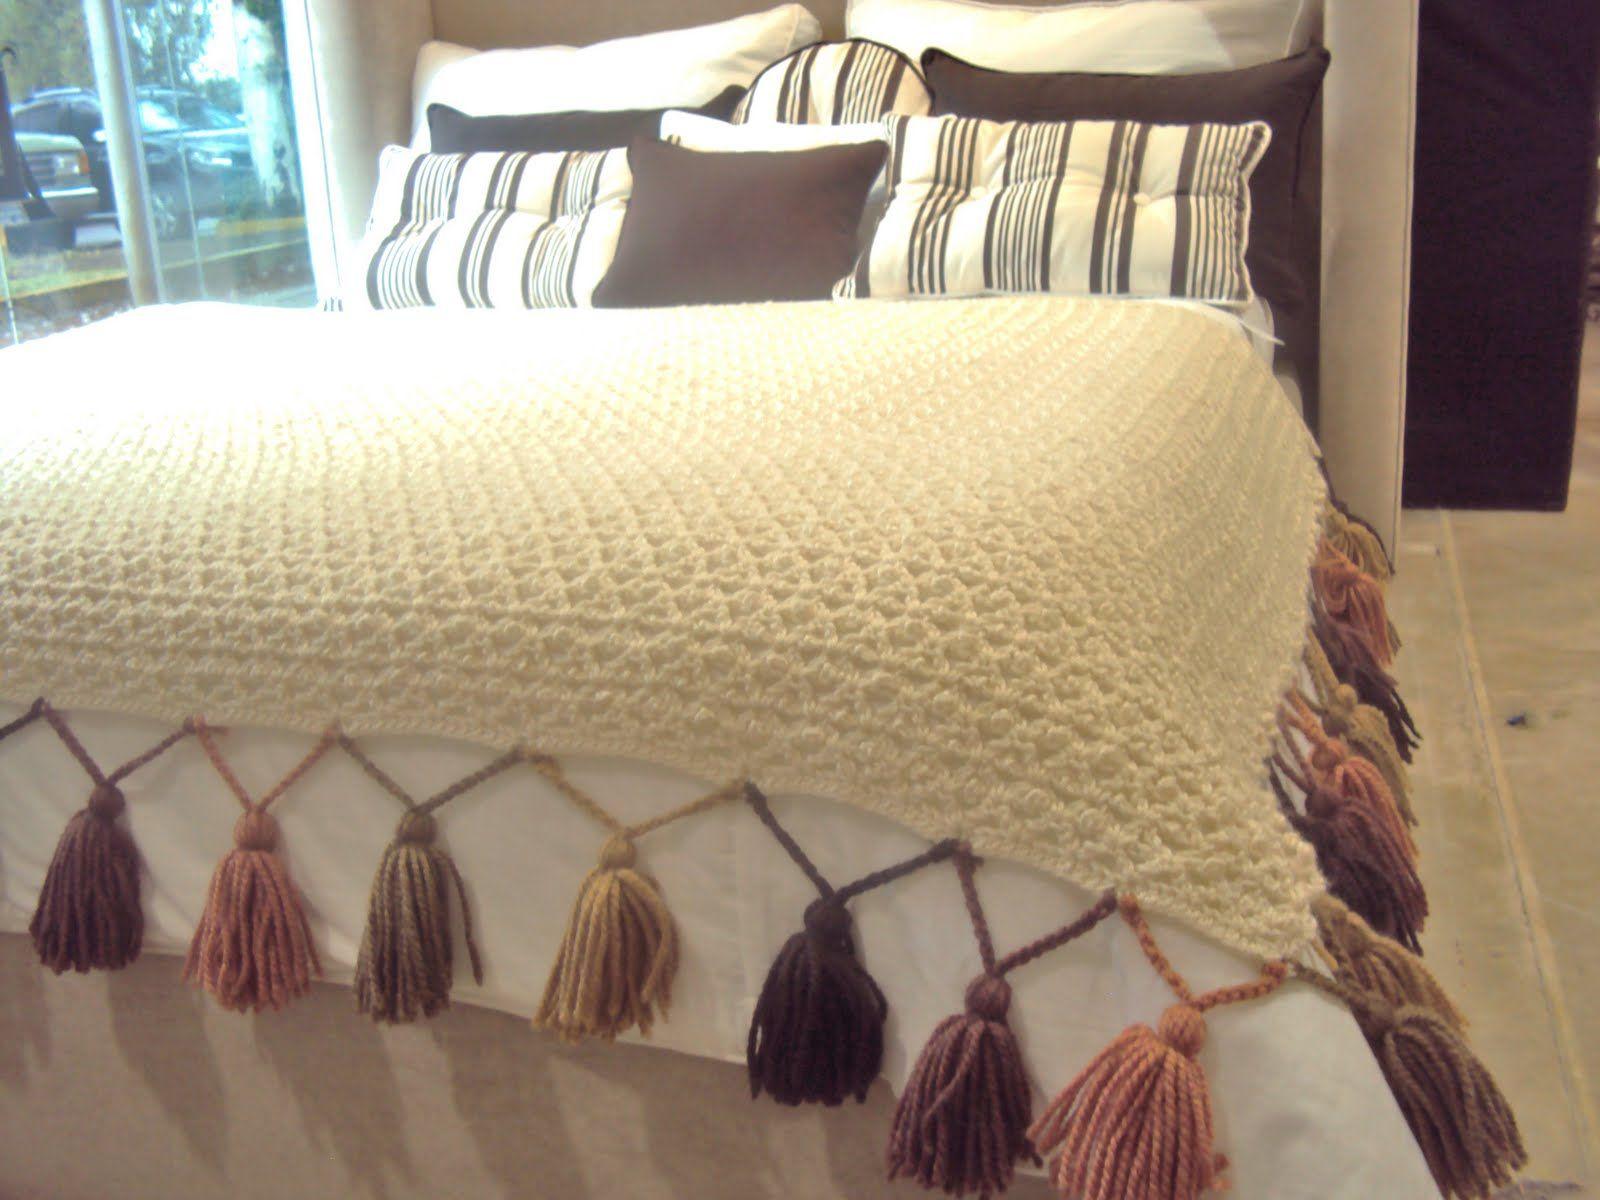 Qu pongo en los pies de la cama im genes de mantas en - Lana gorda para mantas ...